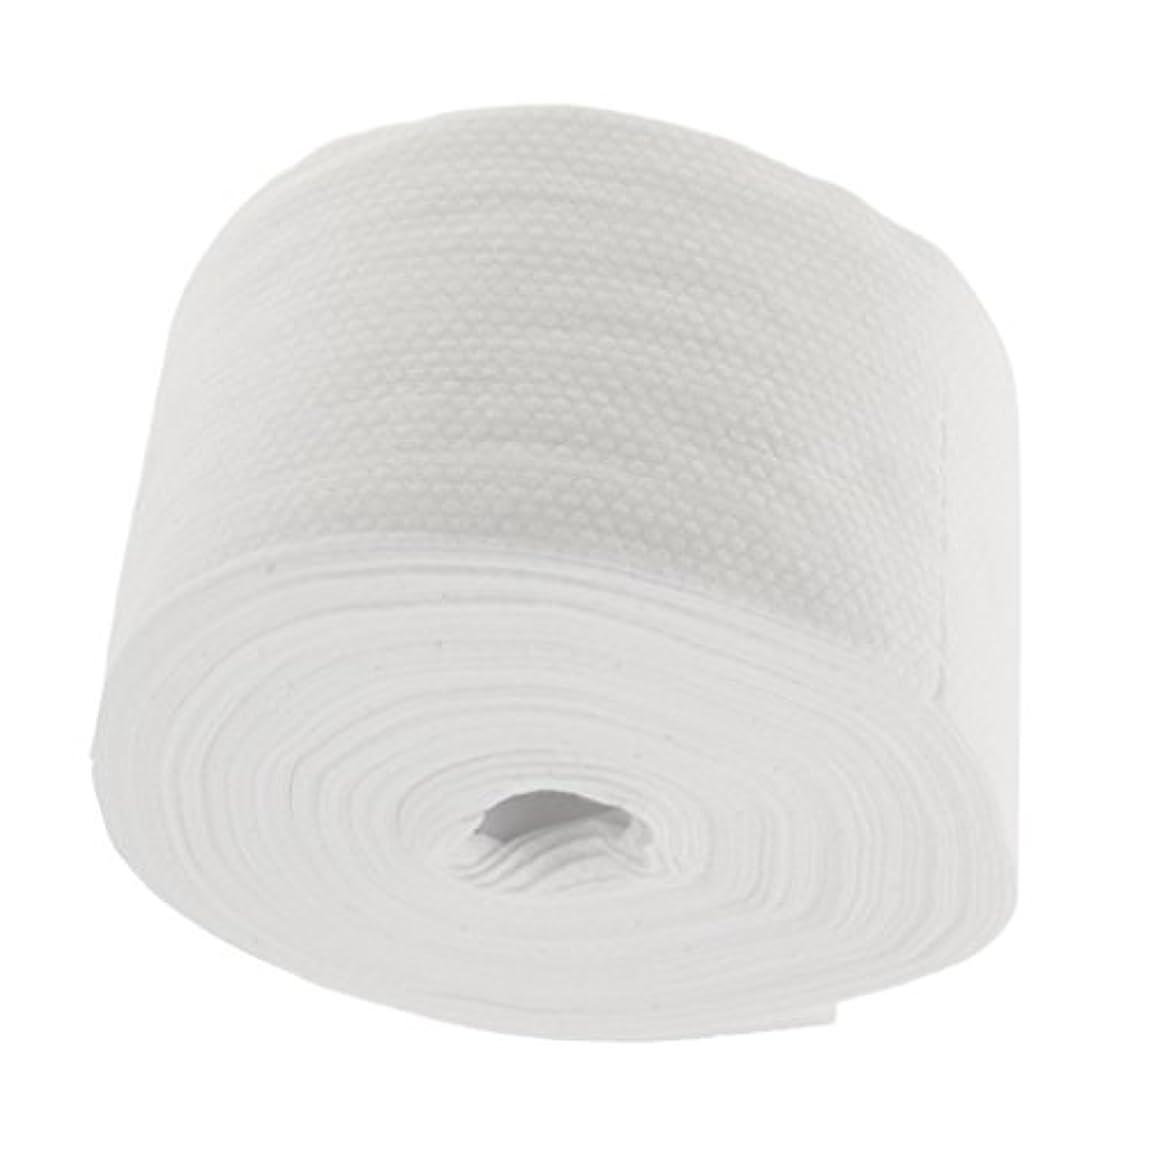 昼間パラシュート言及するロール式 使い捨て 洗顔タオル 使い捨てタオル 30M コットン 繊維 メイクリムーバー 快適 - #2